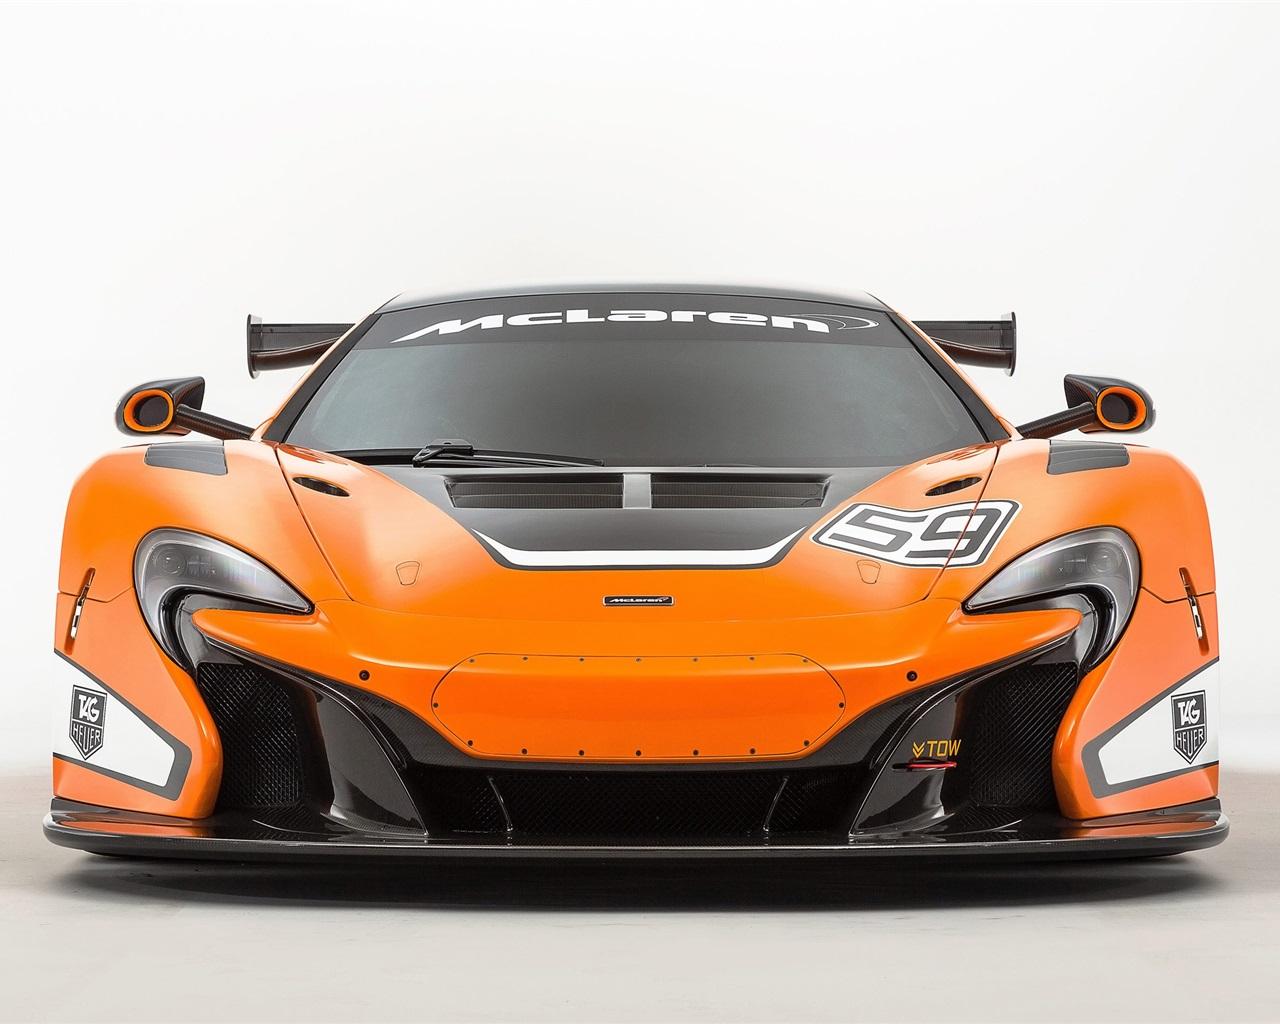 2015 McLaren 650S GT3 orange supercar front view Wallpaper   1280x1024 ...